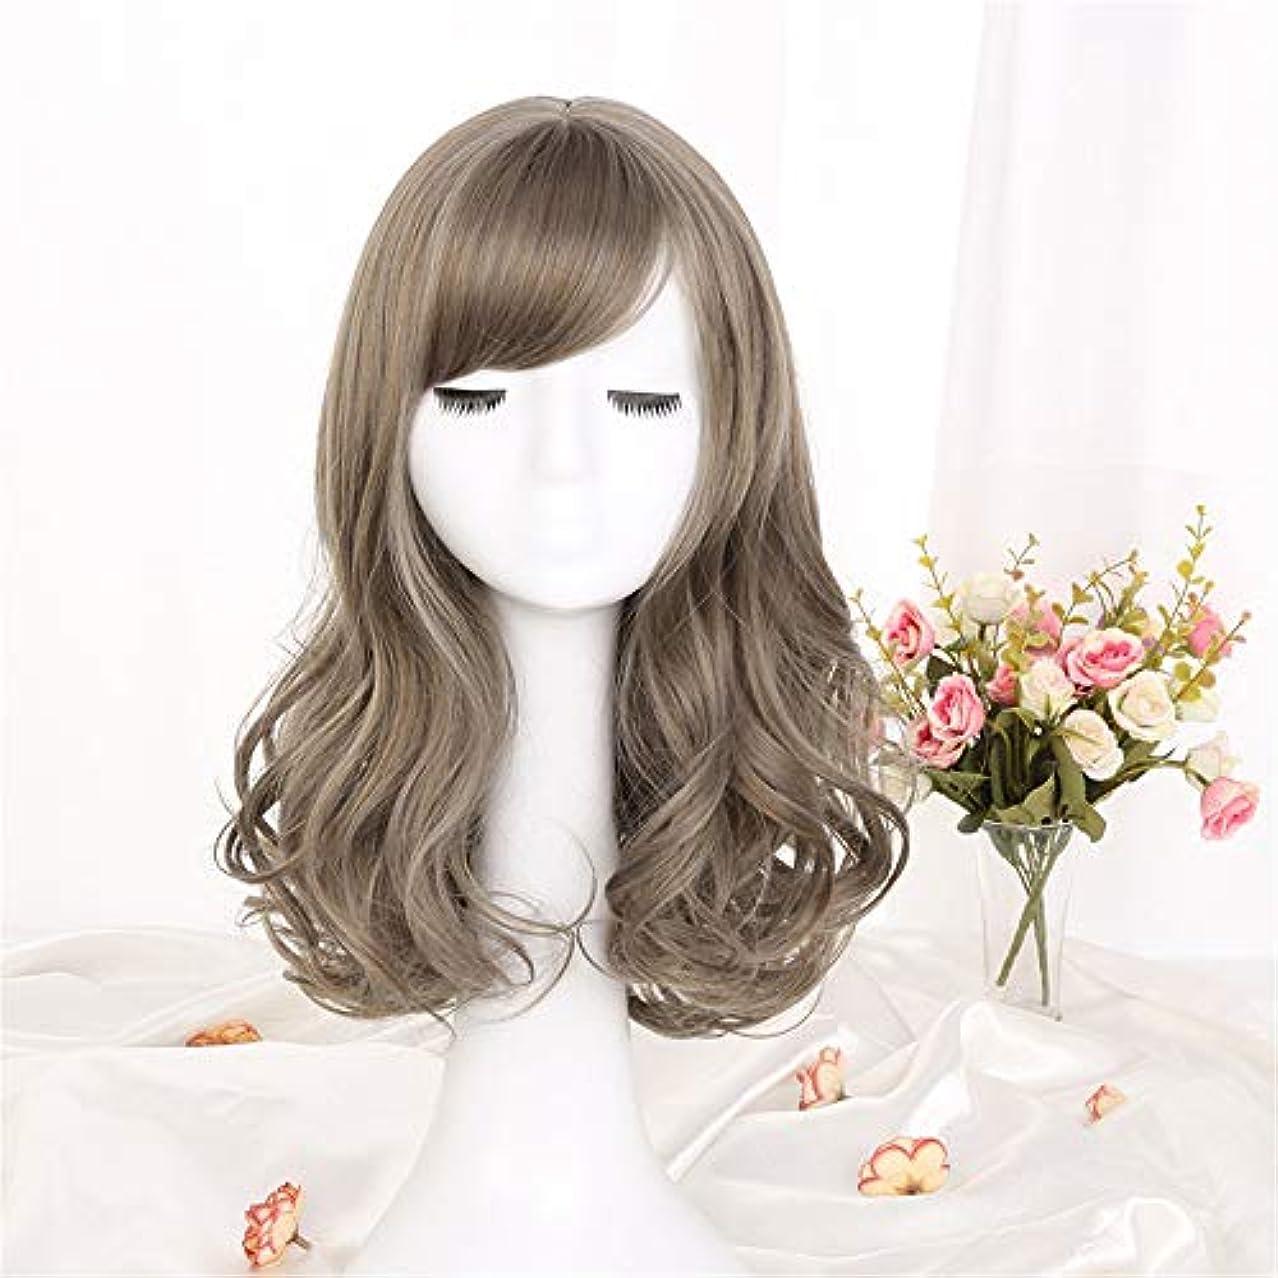 レタス憧れ聴衆ウィッグ髪化学繊維フードミディアム長波高温合成繊維ウィッグ女性用ウィッググリーンウッドリネンアッシュ42cm